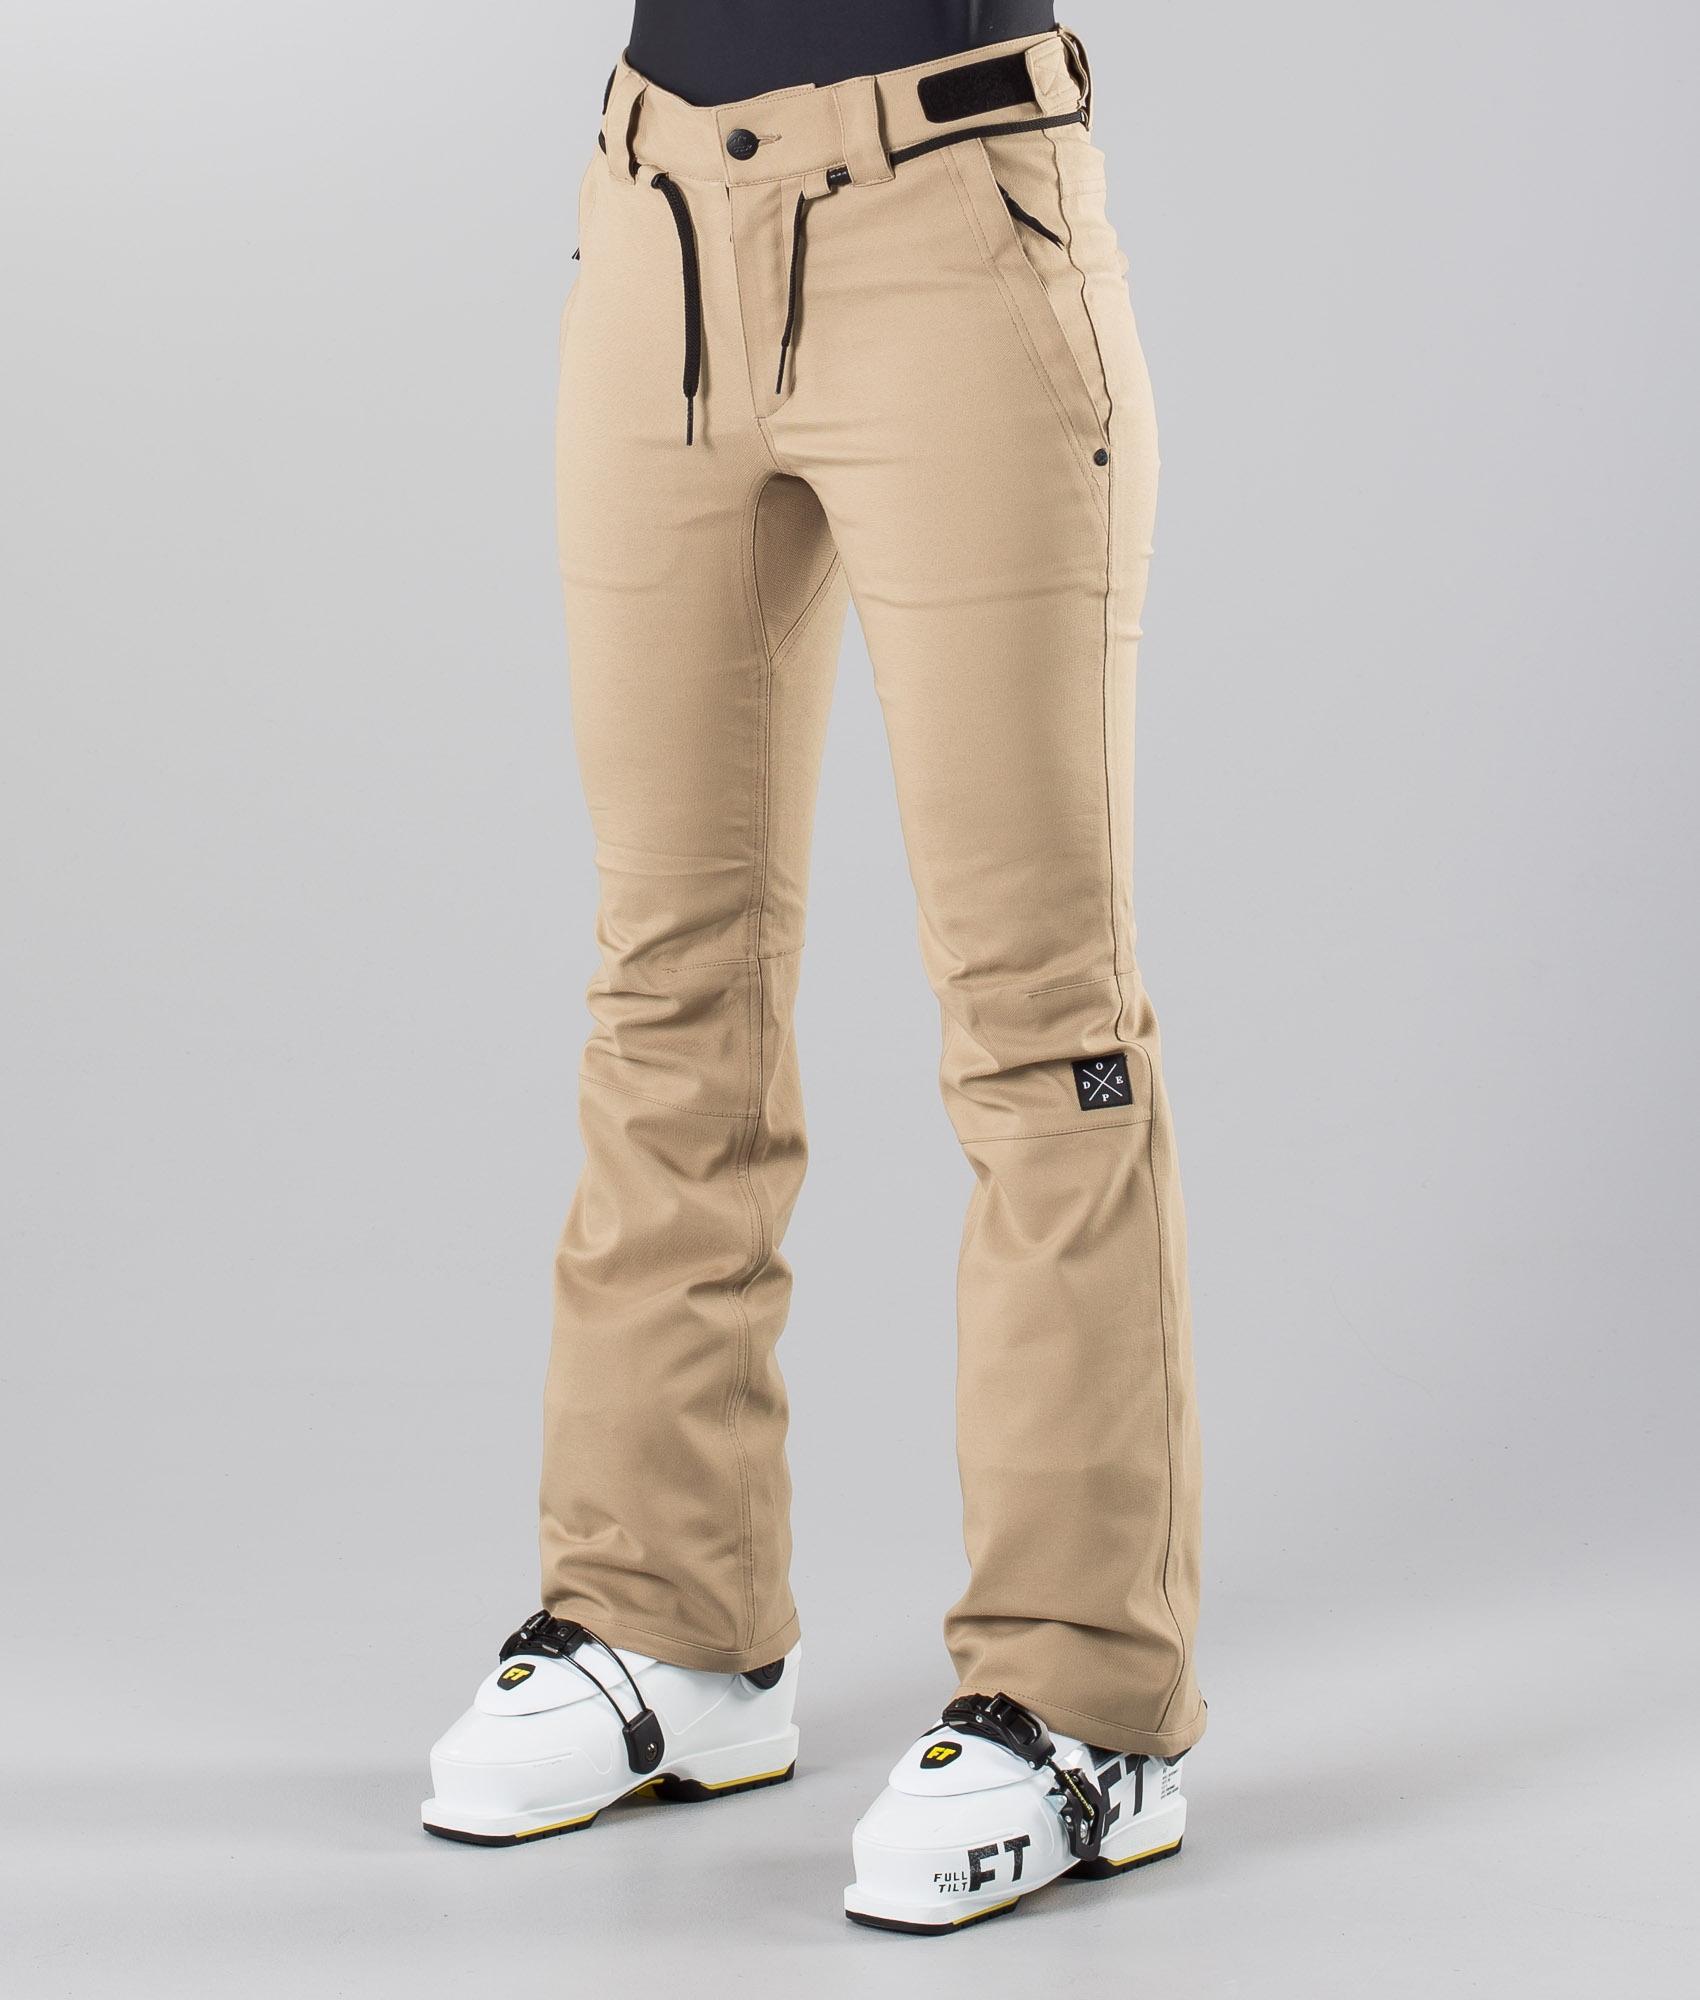 Gratuite Pantalon FemmeLivraison Pantalon FemmeLivraison Ski Pantalon Ski Gratuite iOPkXuZ